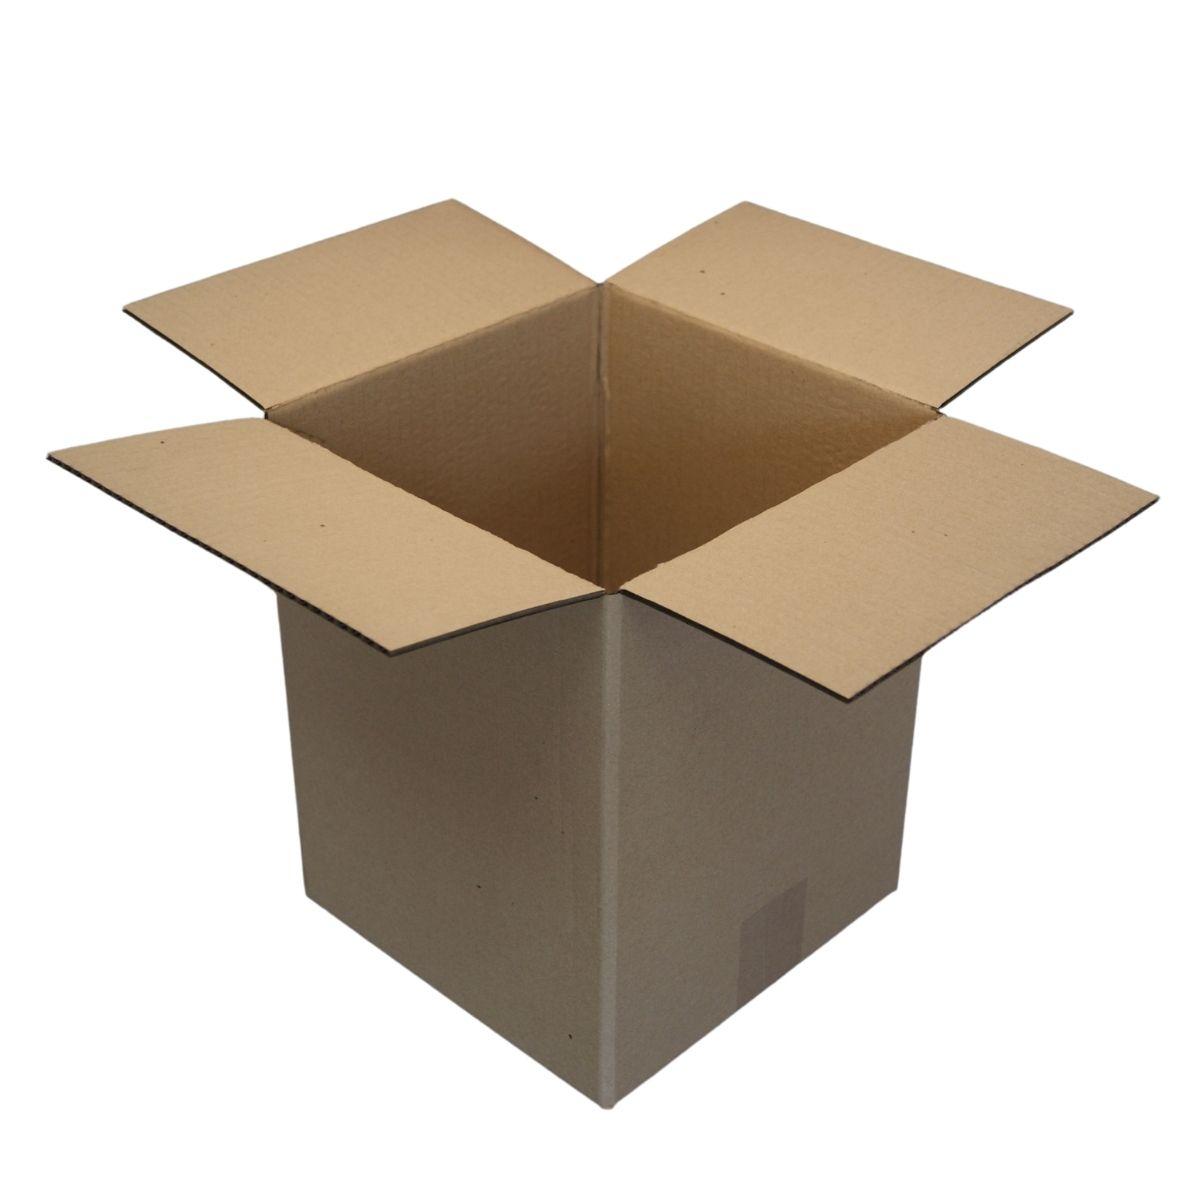 10 Caixas de Papelao (20X20X25)cm - Sedex / Pac / Correios